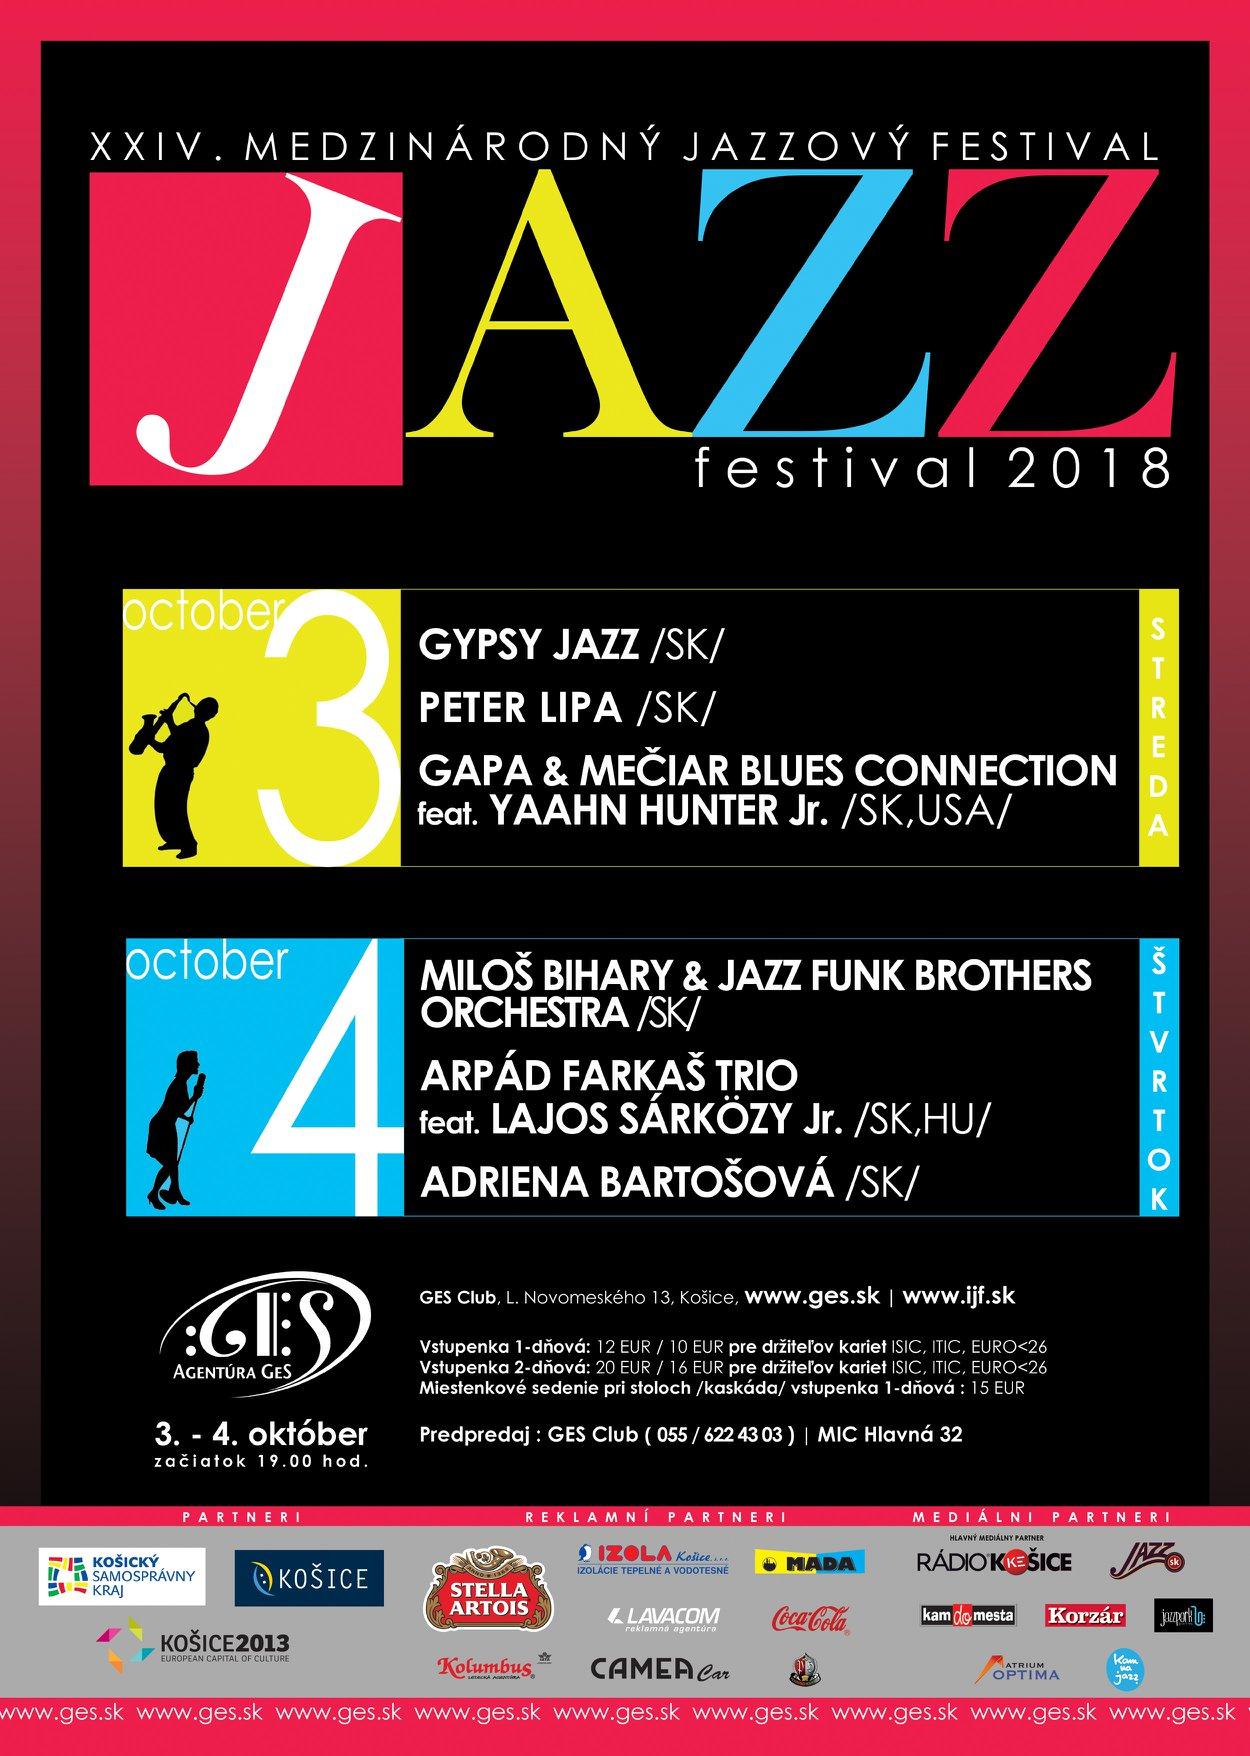 Plagát podujatia 24. Medzinárodný jazzový festival 2018 v Košiciach, na ktorom vystúpili Miloš Biháry & Jazz Funk Brothers Orchestra.